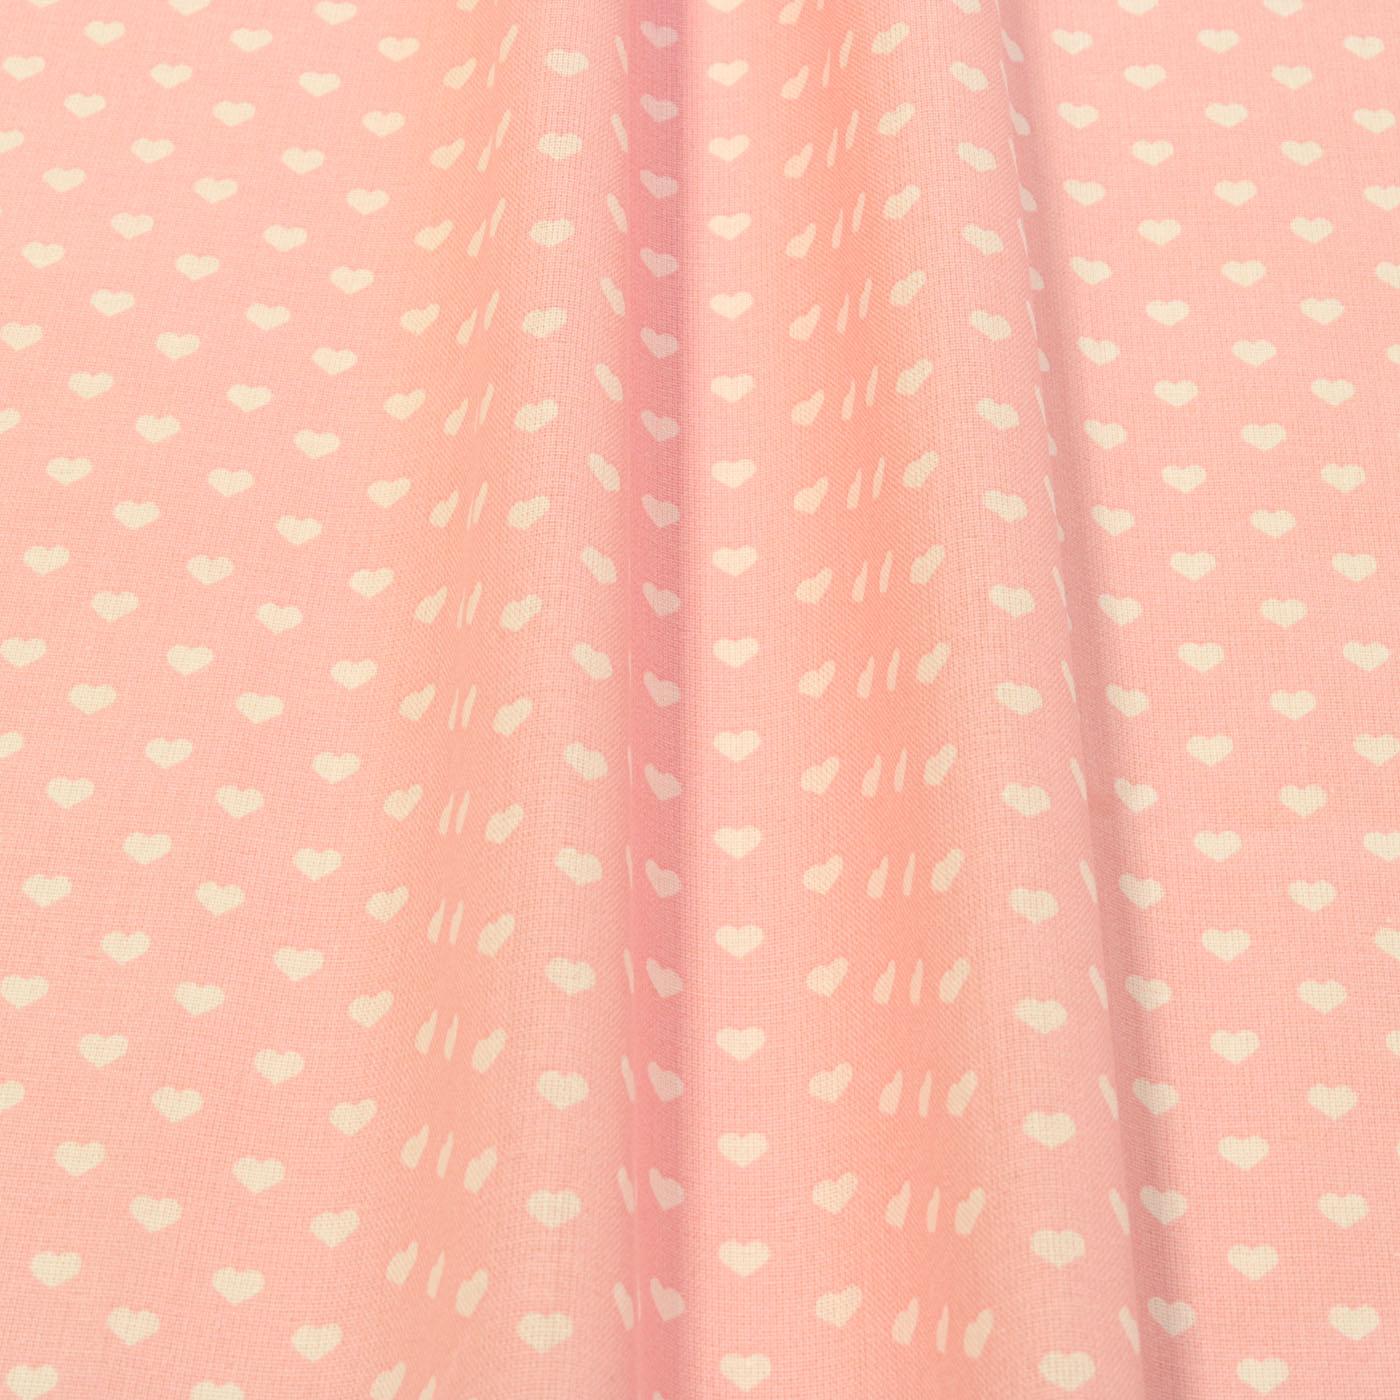 1 Metro Tecido Tricoline Estampado Coracao Branco Fundo Rosa